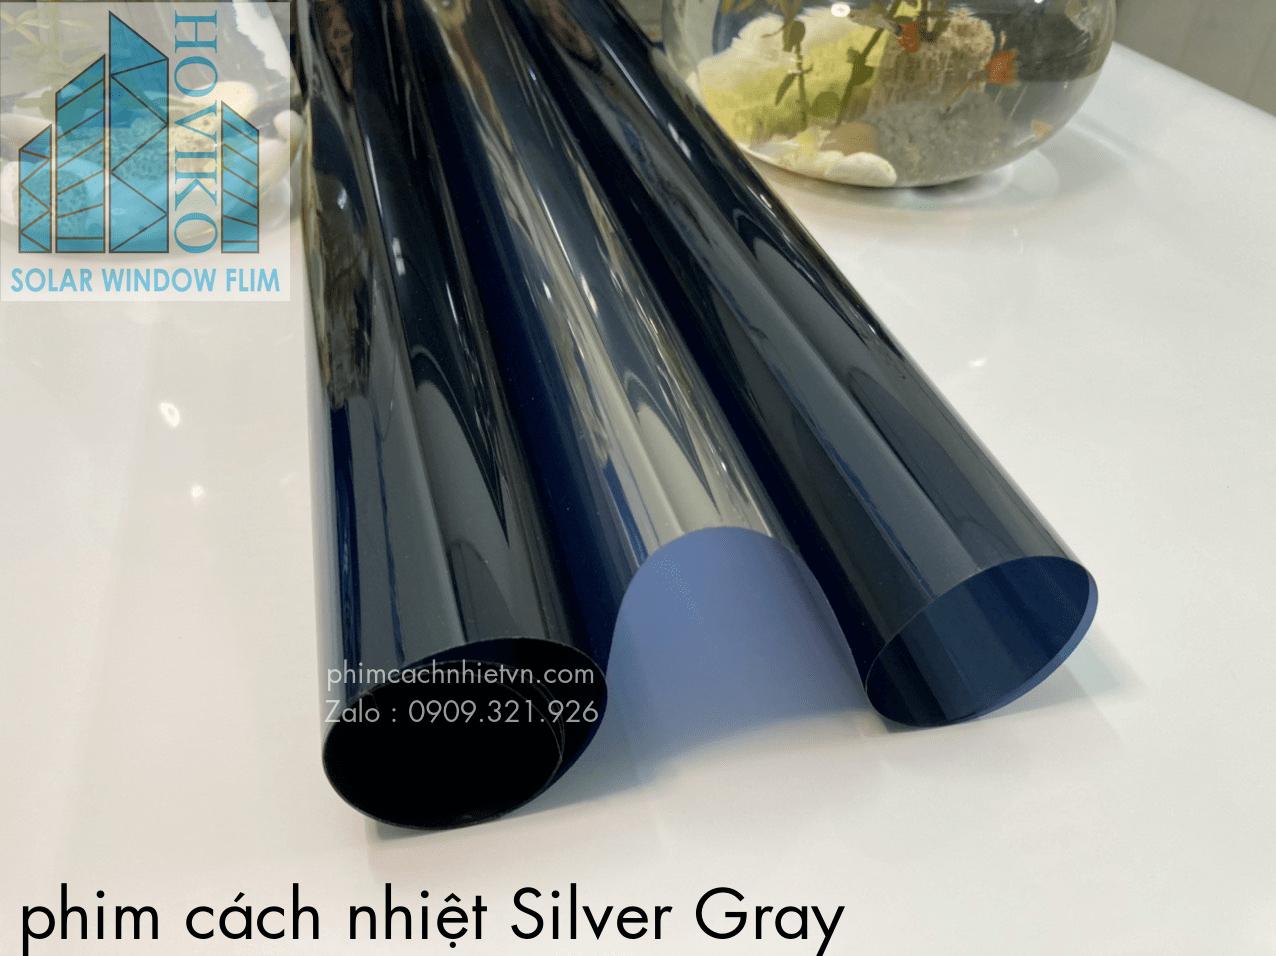 phim cách nhiệt silver gray